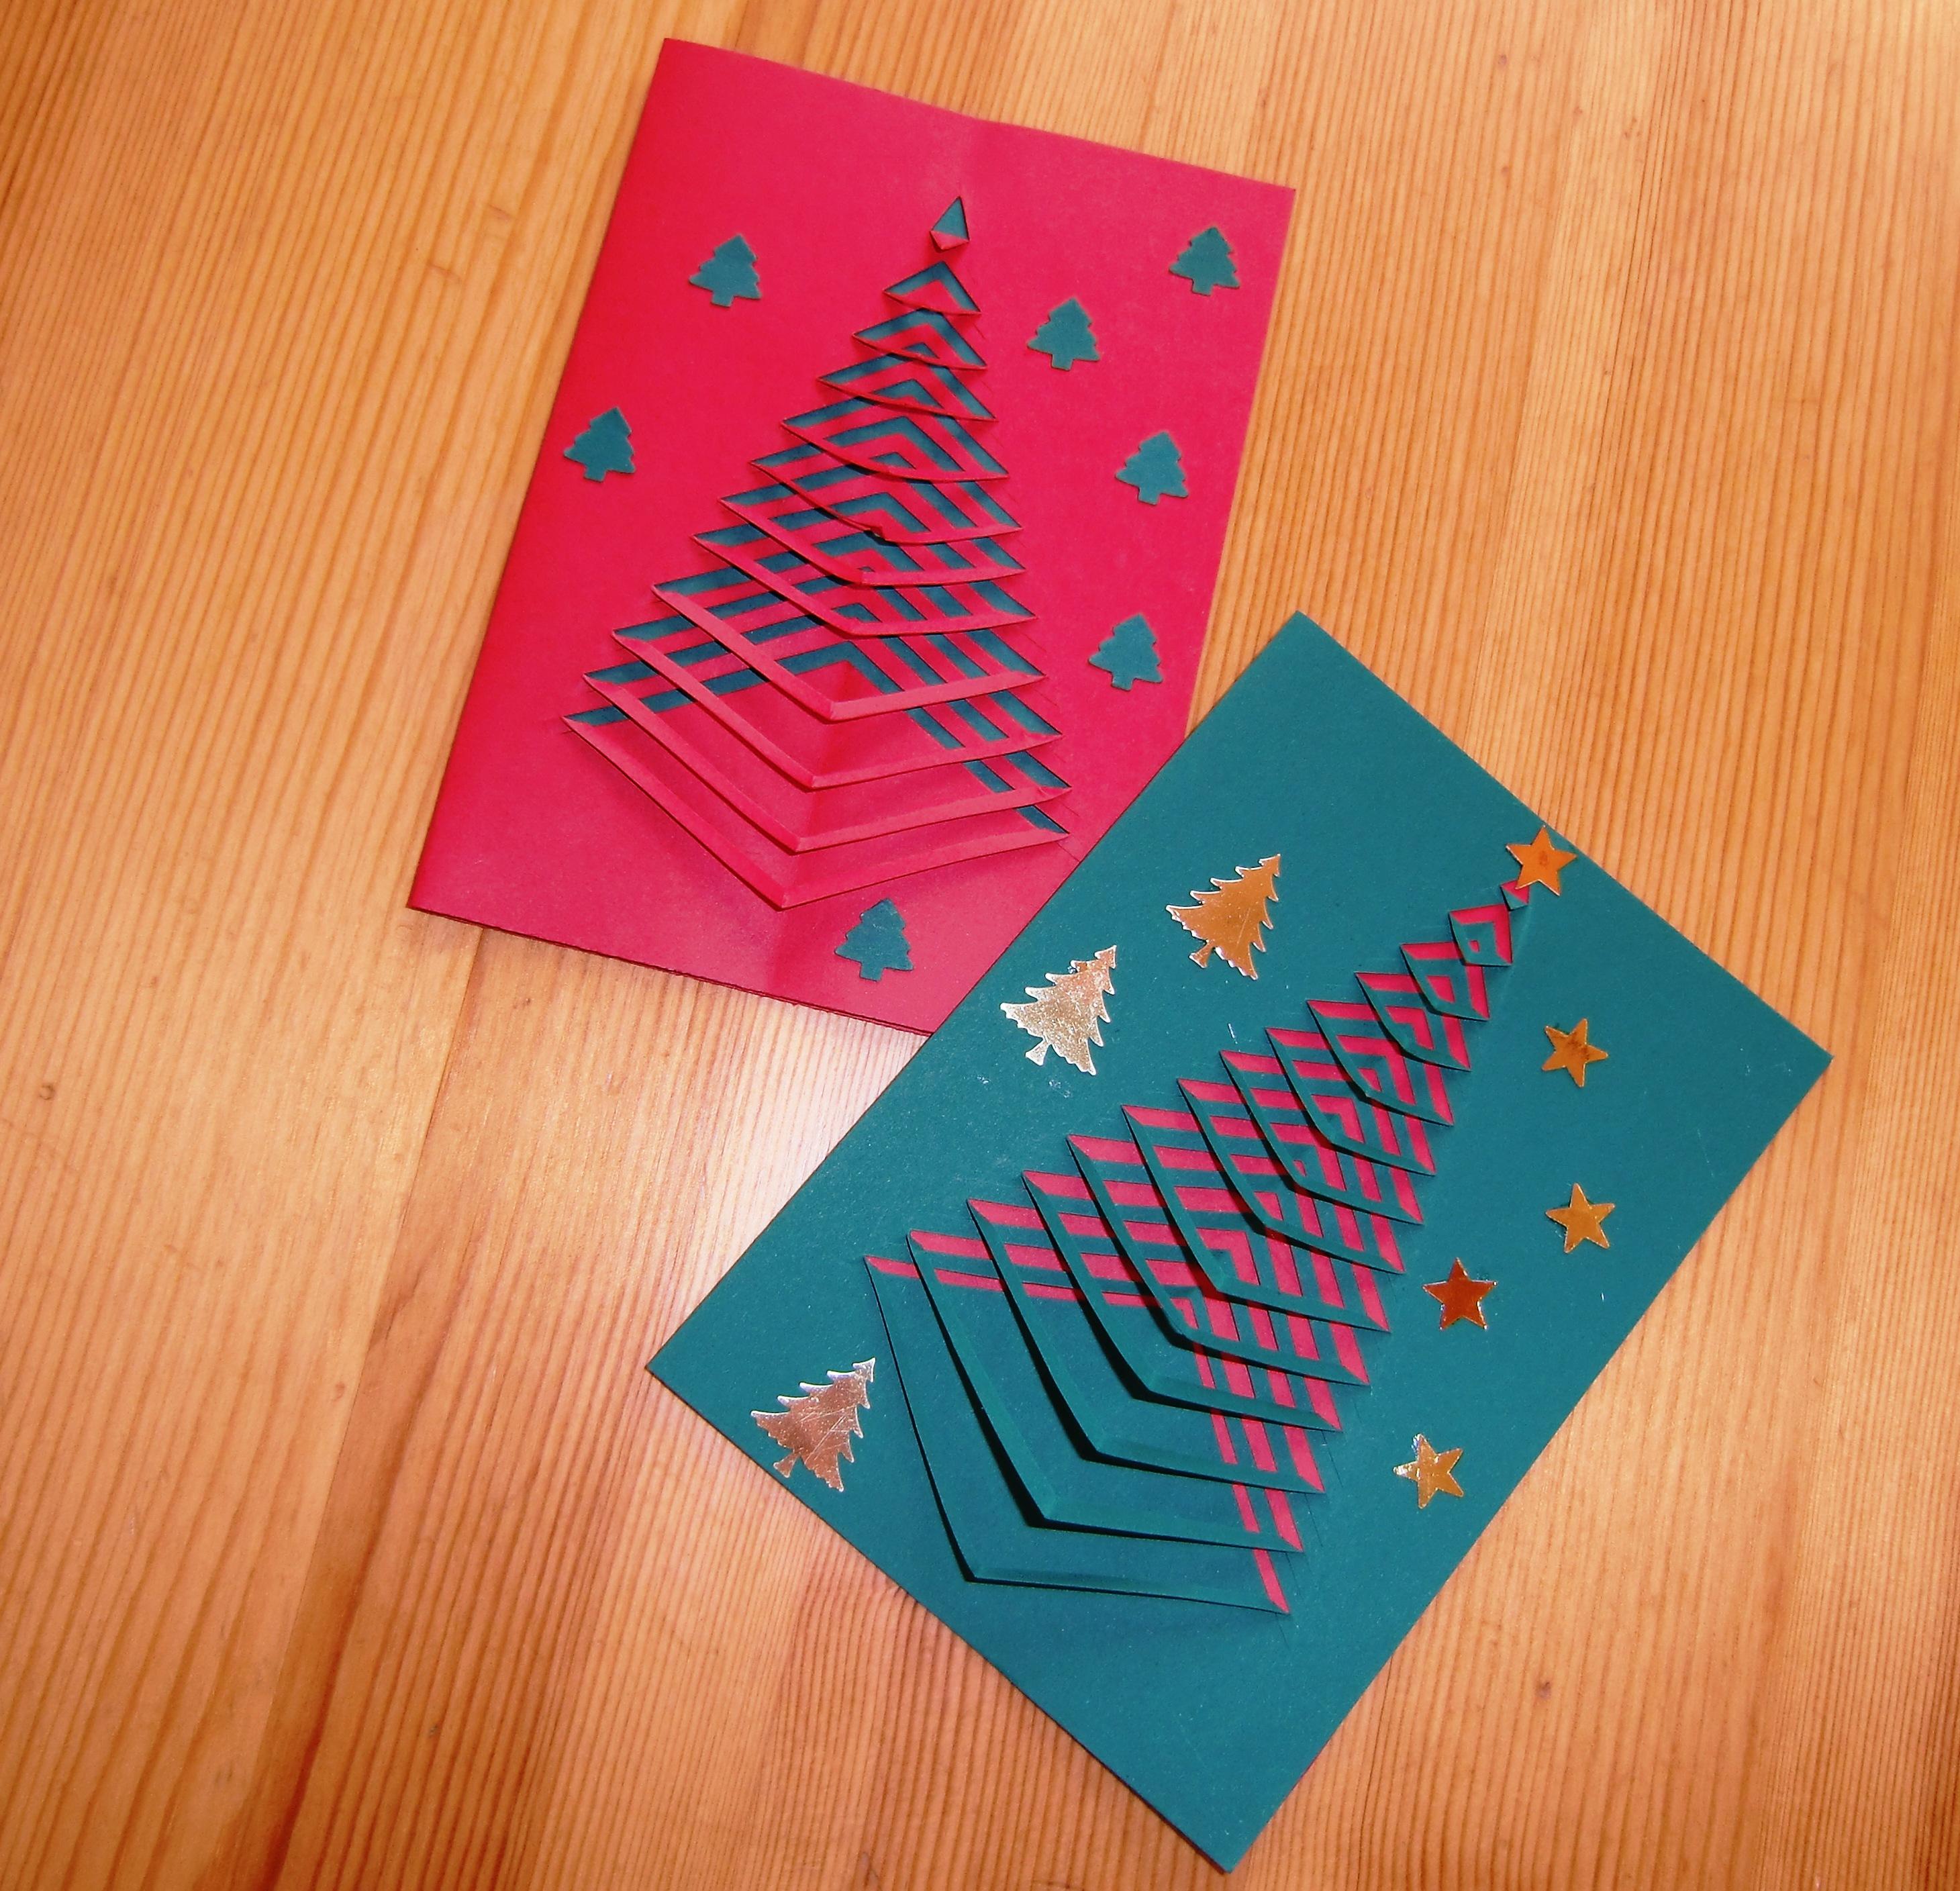 Weihnachtskarten selbermachen weihnachten karten basteln for Karten gestalten kostenlos